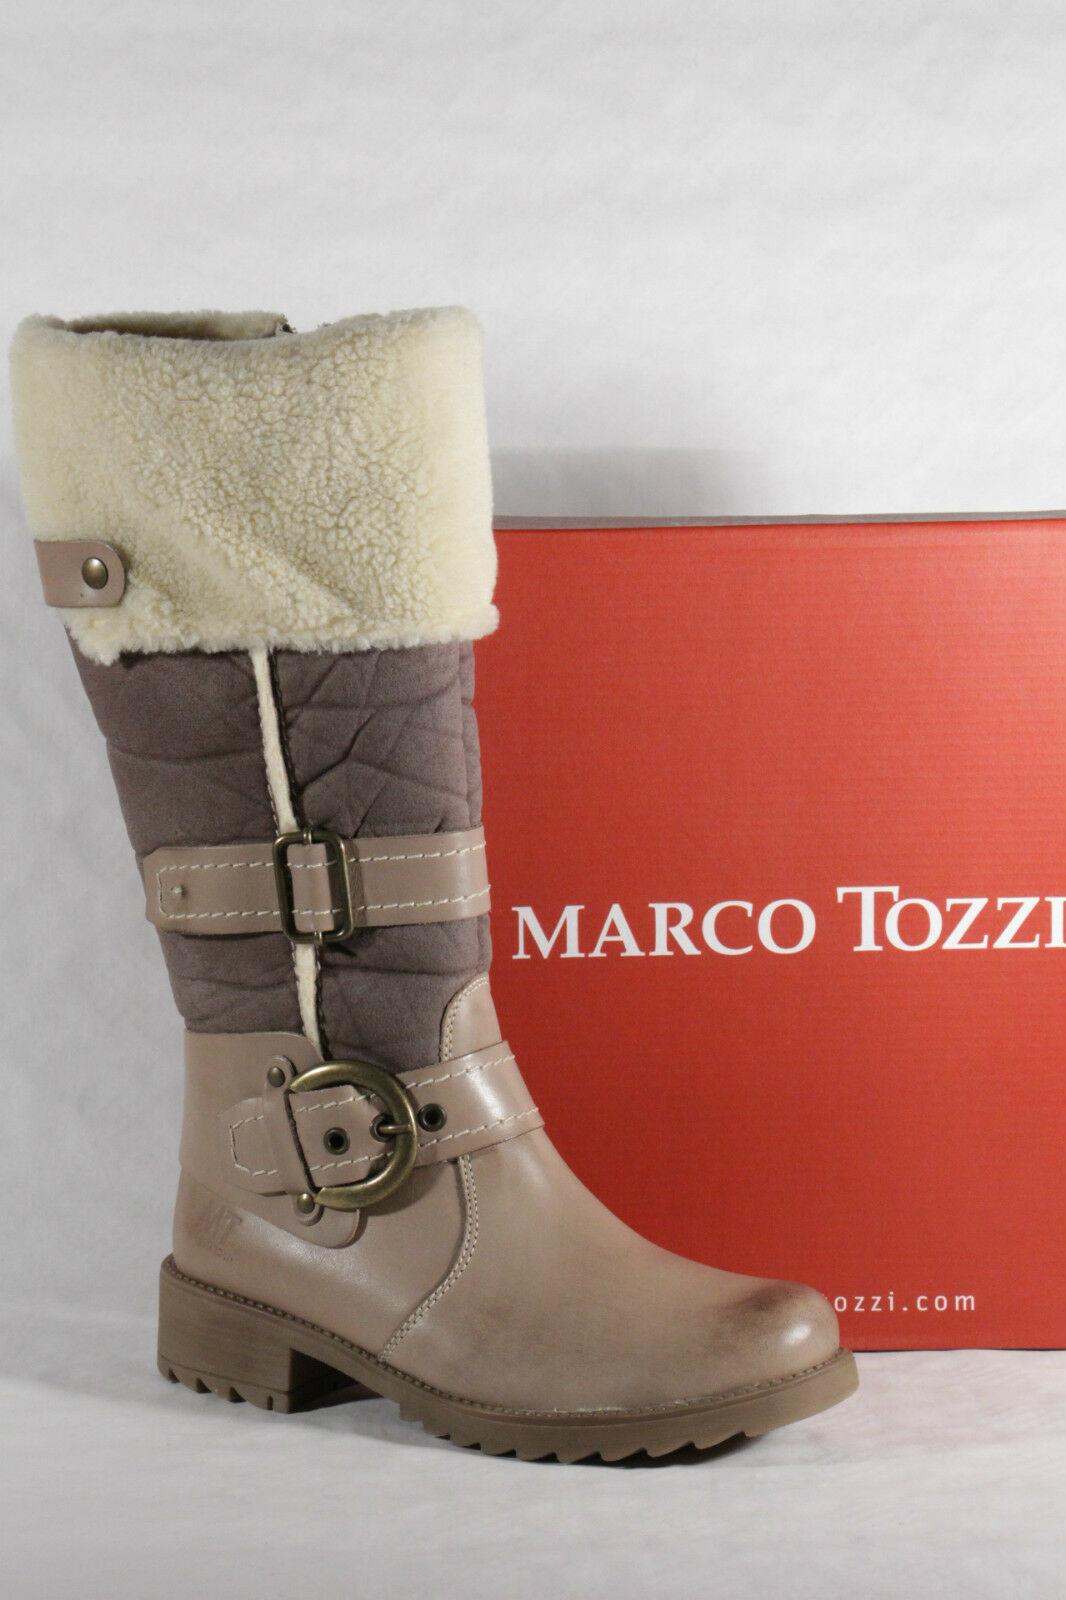 Marco Tozzi Damen Stiefel Stiefeletten Winterstiefel beige Echtleder Neu